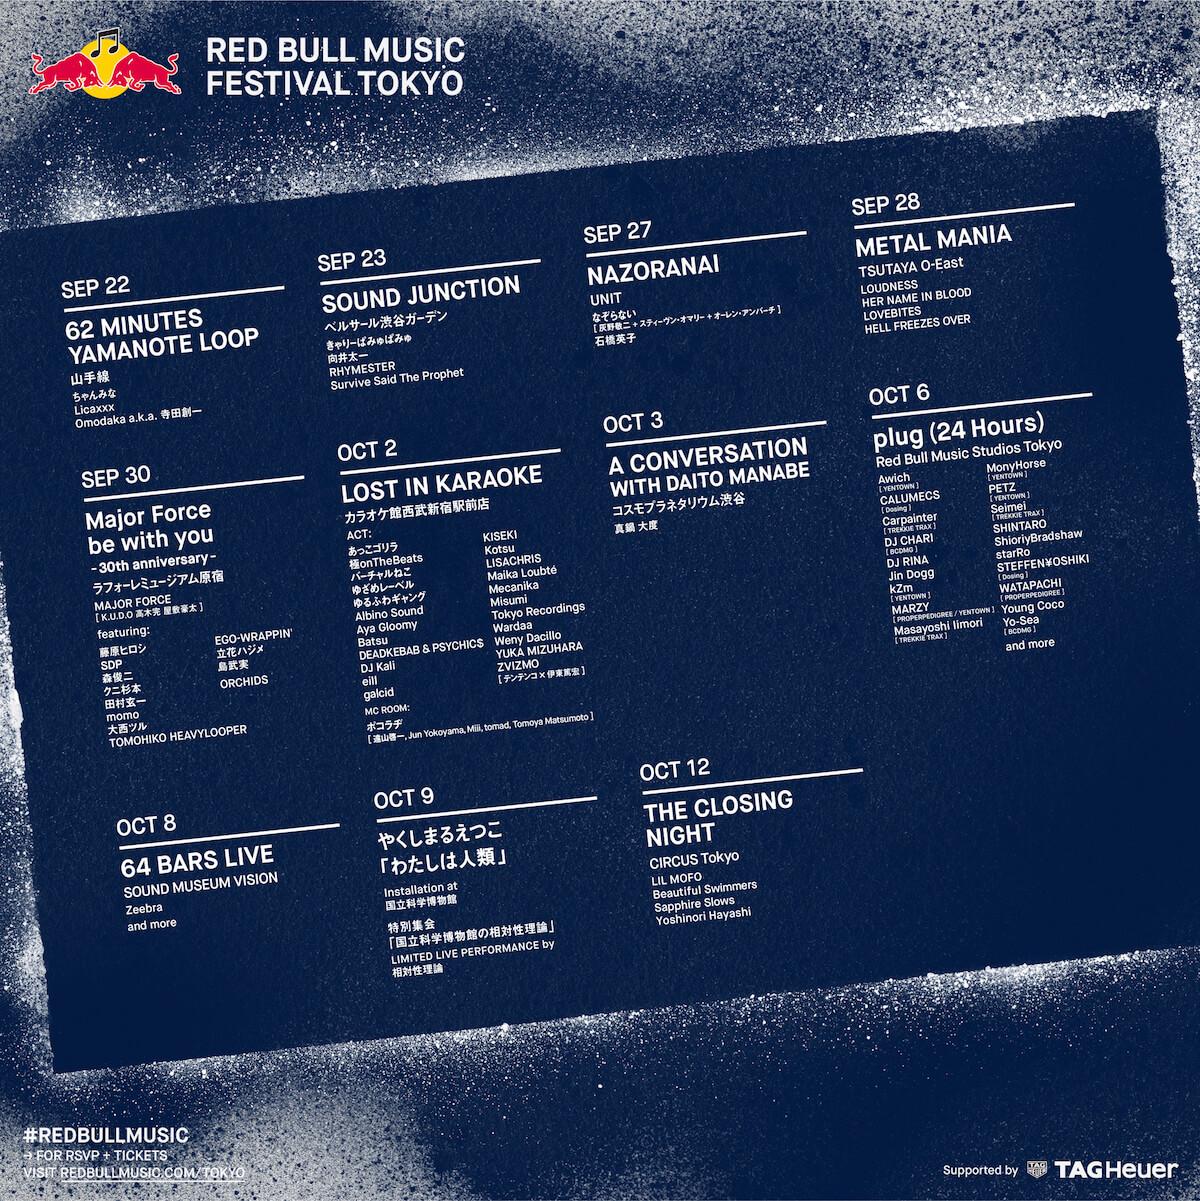 【フォトレポ】RED BULL MUSIC FESTIVAL TOKYO 2018|METAL MANIA music180804-redbullmusicfestival-6